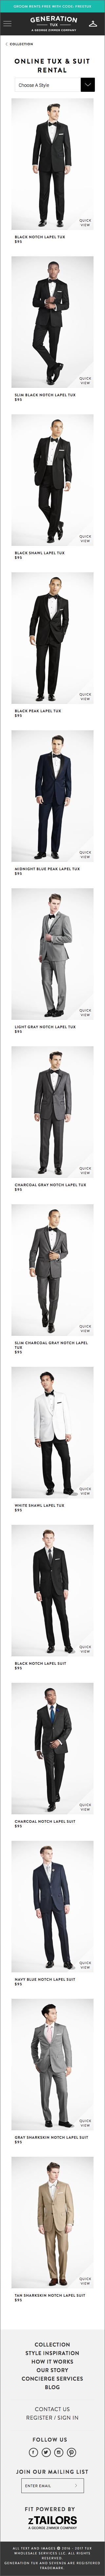 Online Tux Rentals - Rent a Suit Online | Generation Tux (20160602).png